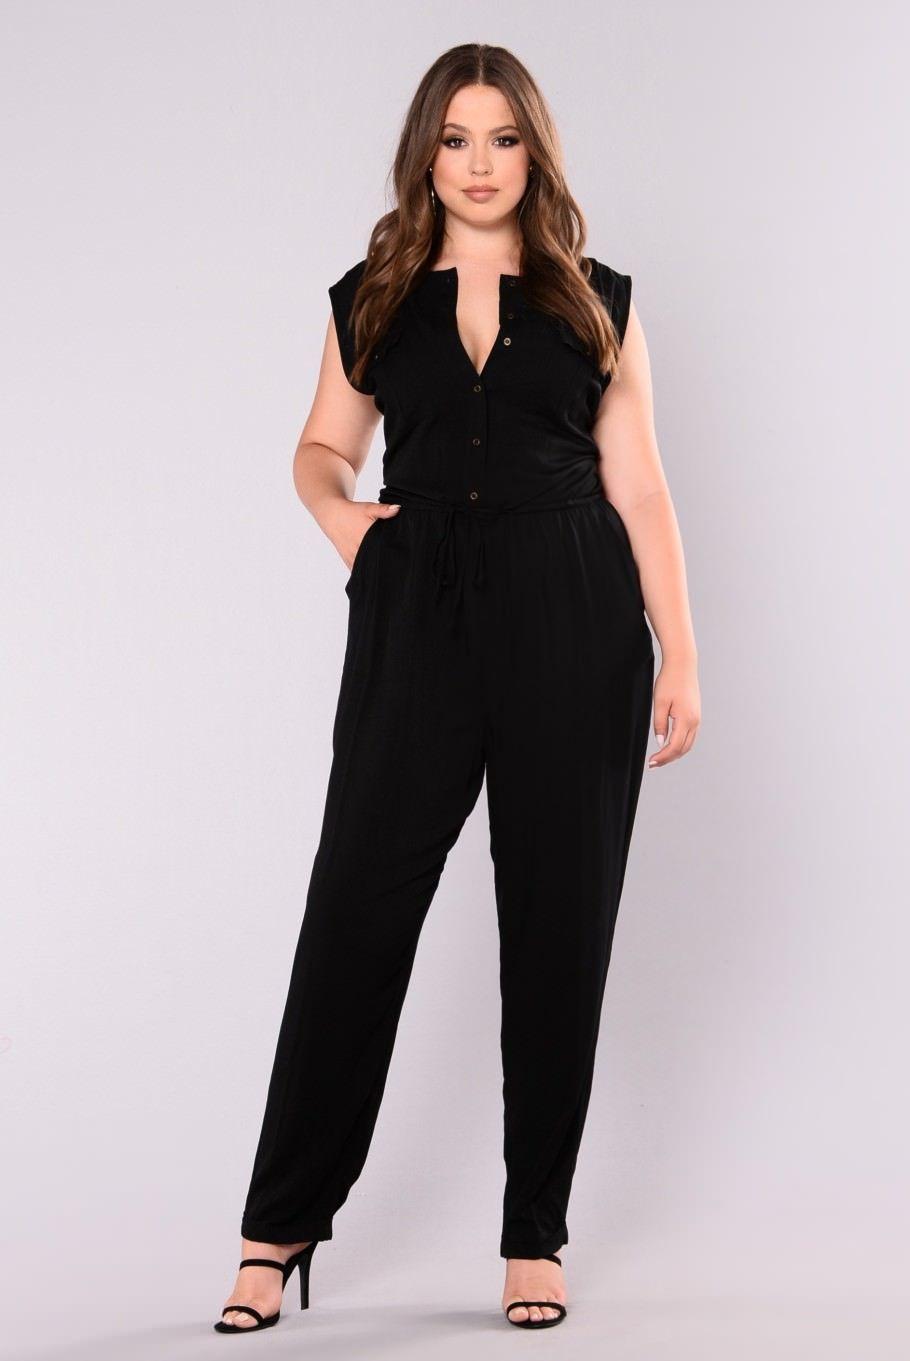 b241b3dd01b Одежда для полных женщин 2018 может быть одновременно стильной и очень  удобной. Image47 Image70